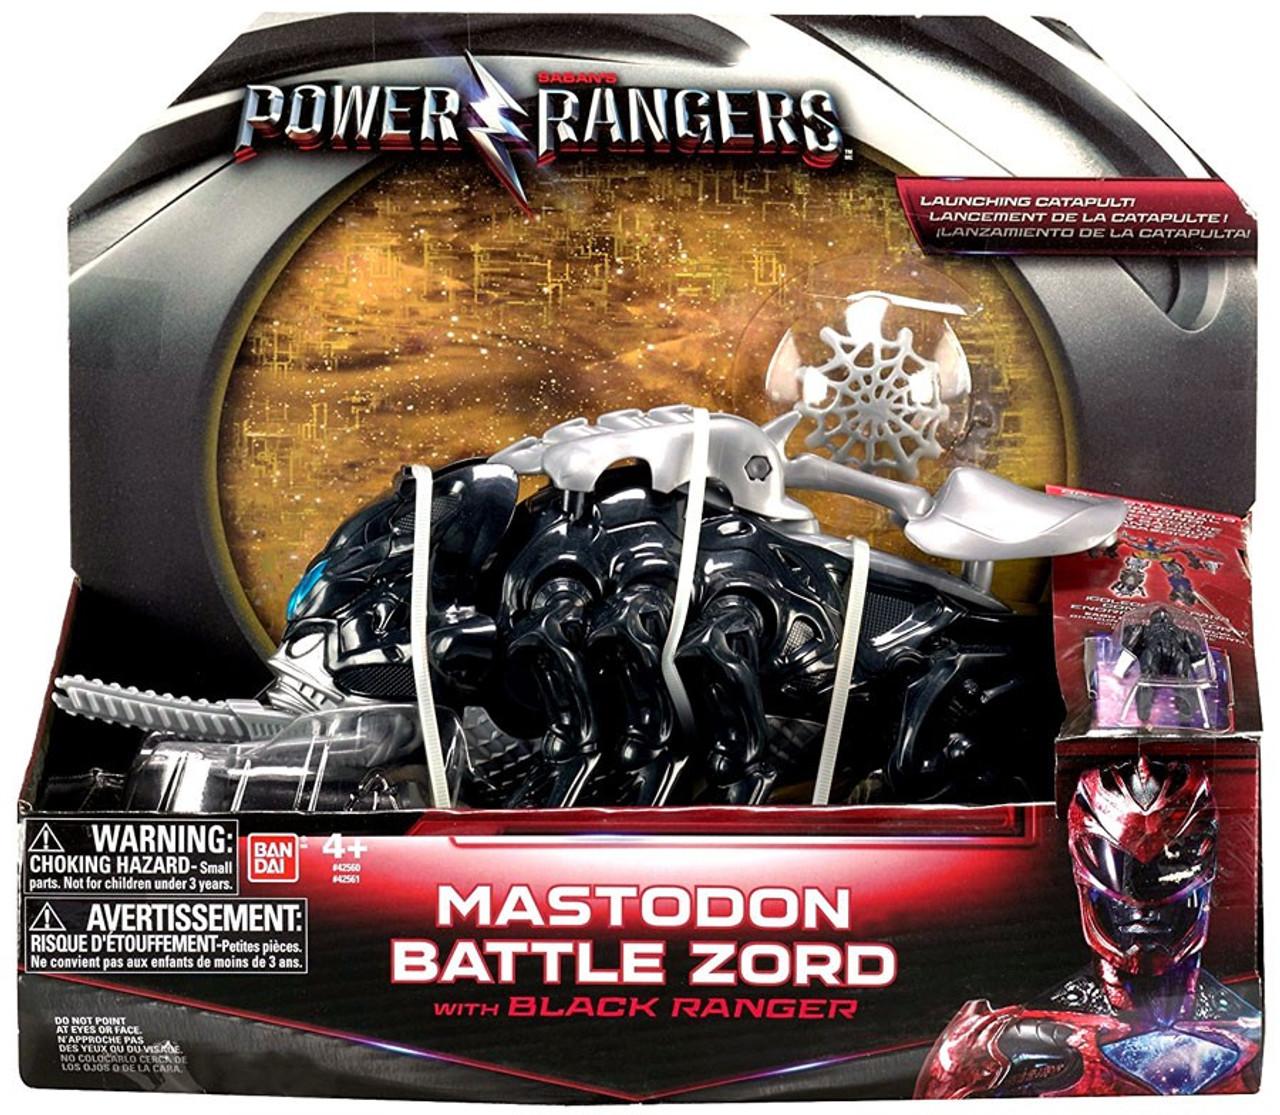 Power Rangers Movie Mastodon Battle Zord with Black Ranger Figure